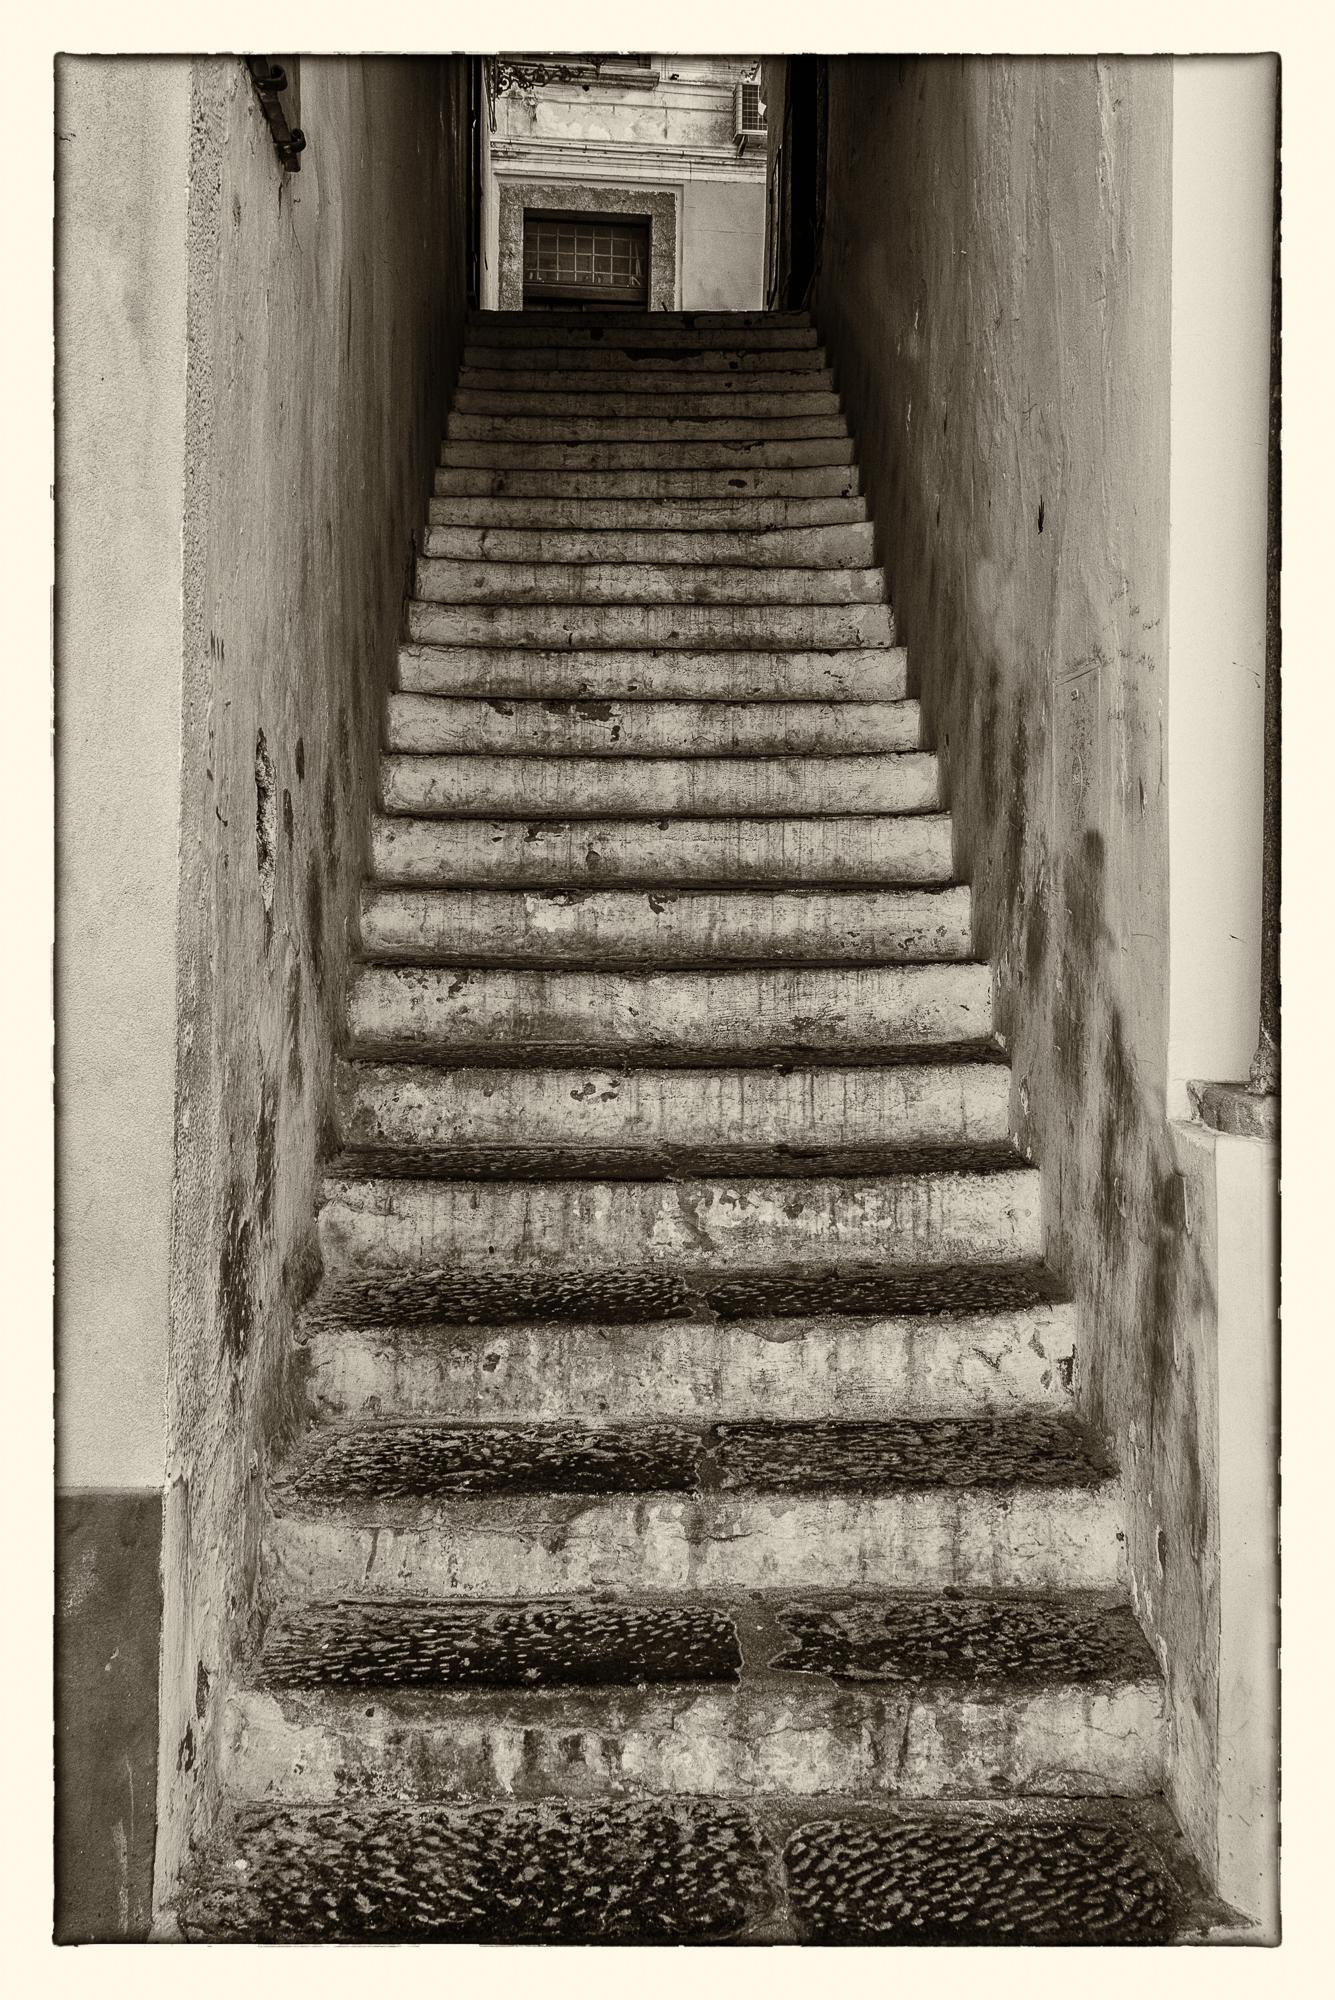 AmalfiStairs-6.jpg